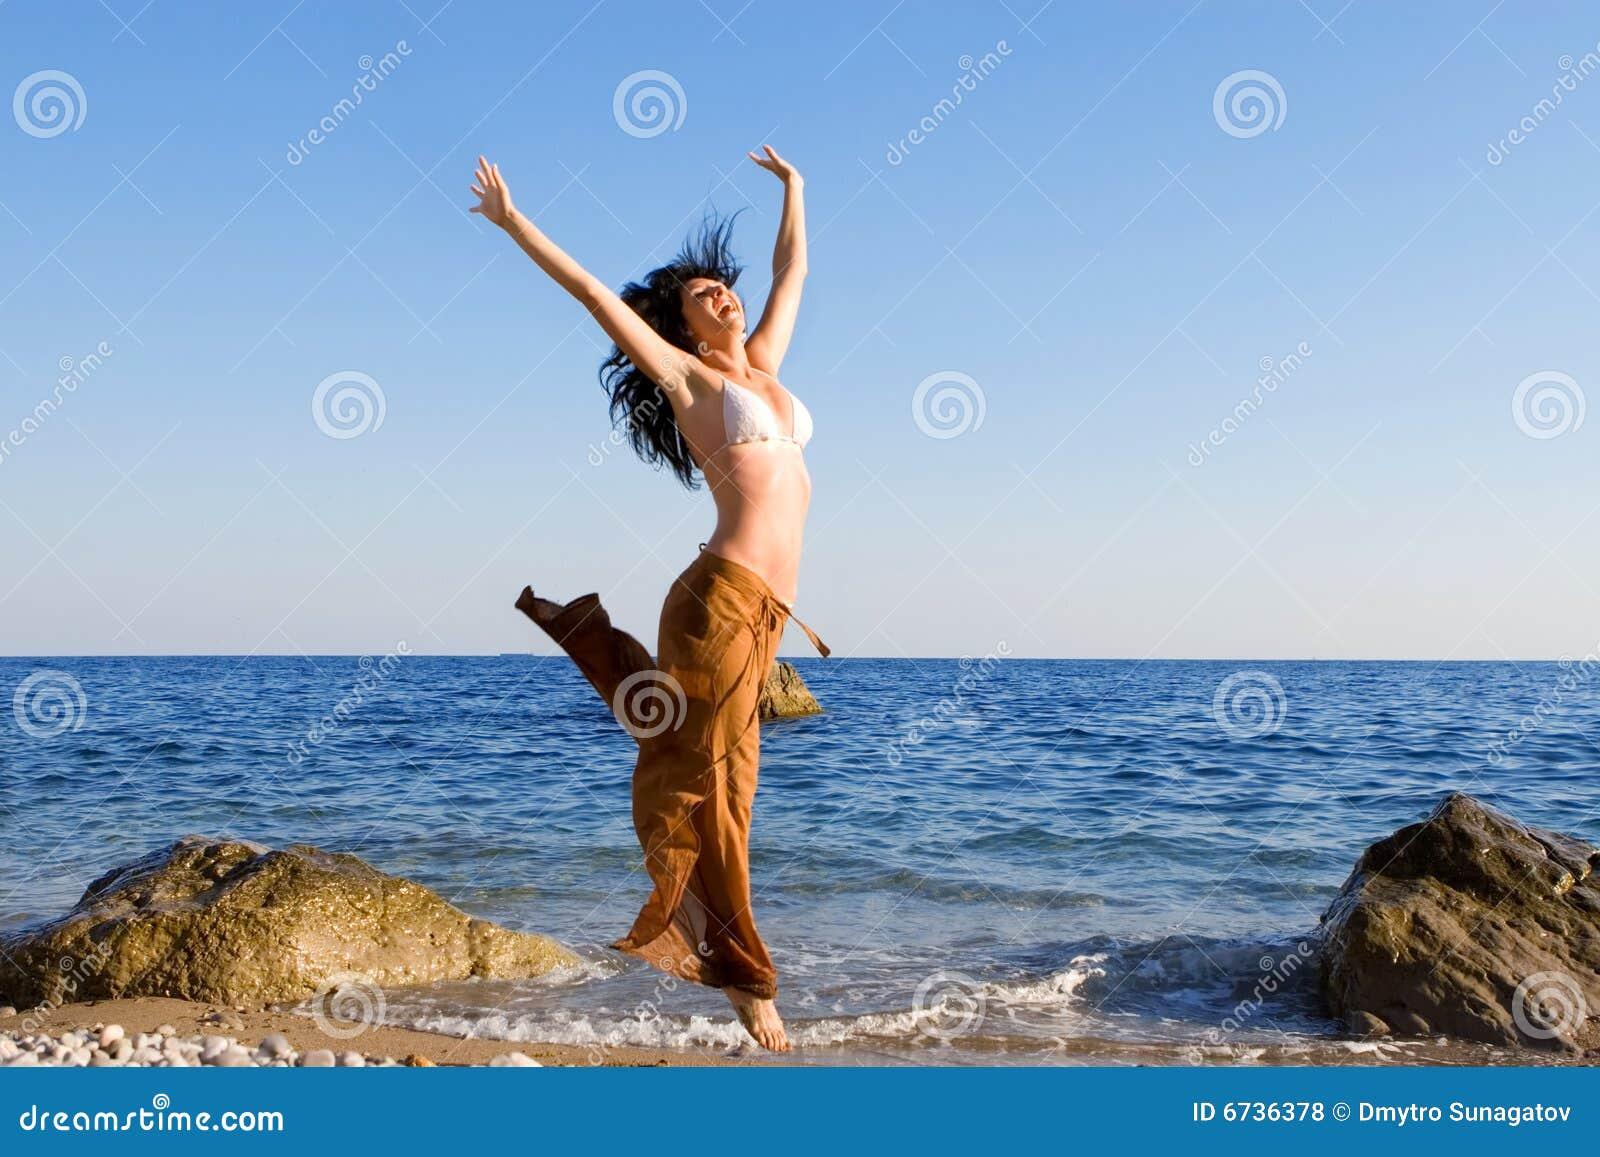 Танцы девушек на пляже 15 фотография